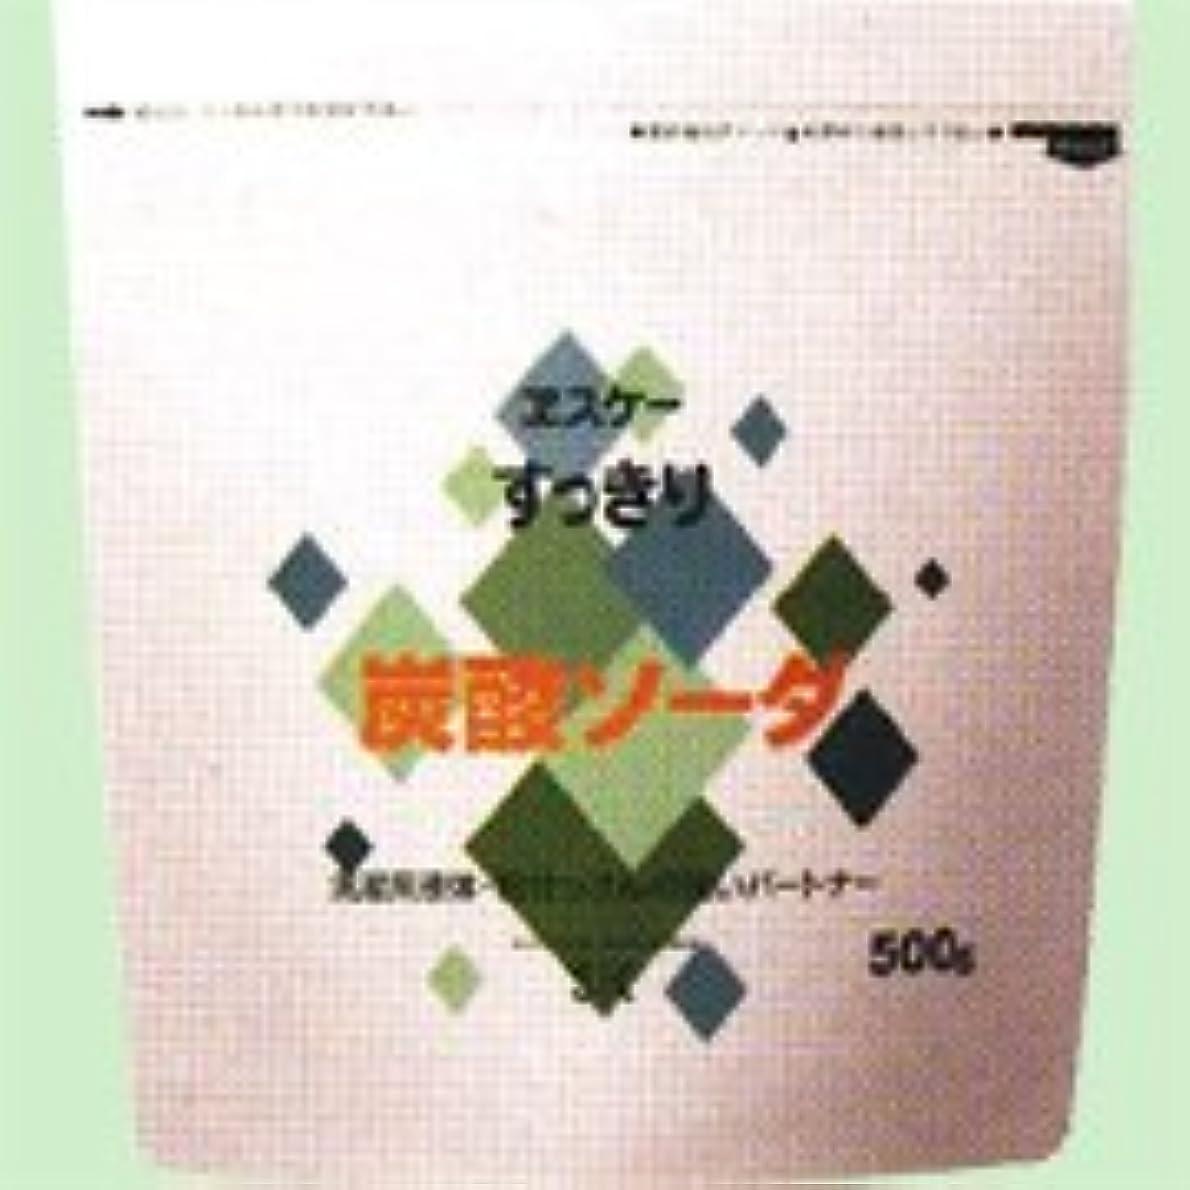 に変わるオーバーラントランペットすっきり炭酸ソーダ 500g   エスケー石鹸